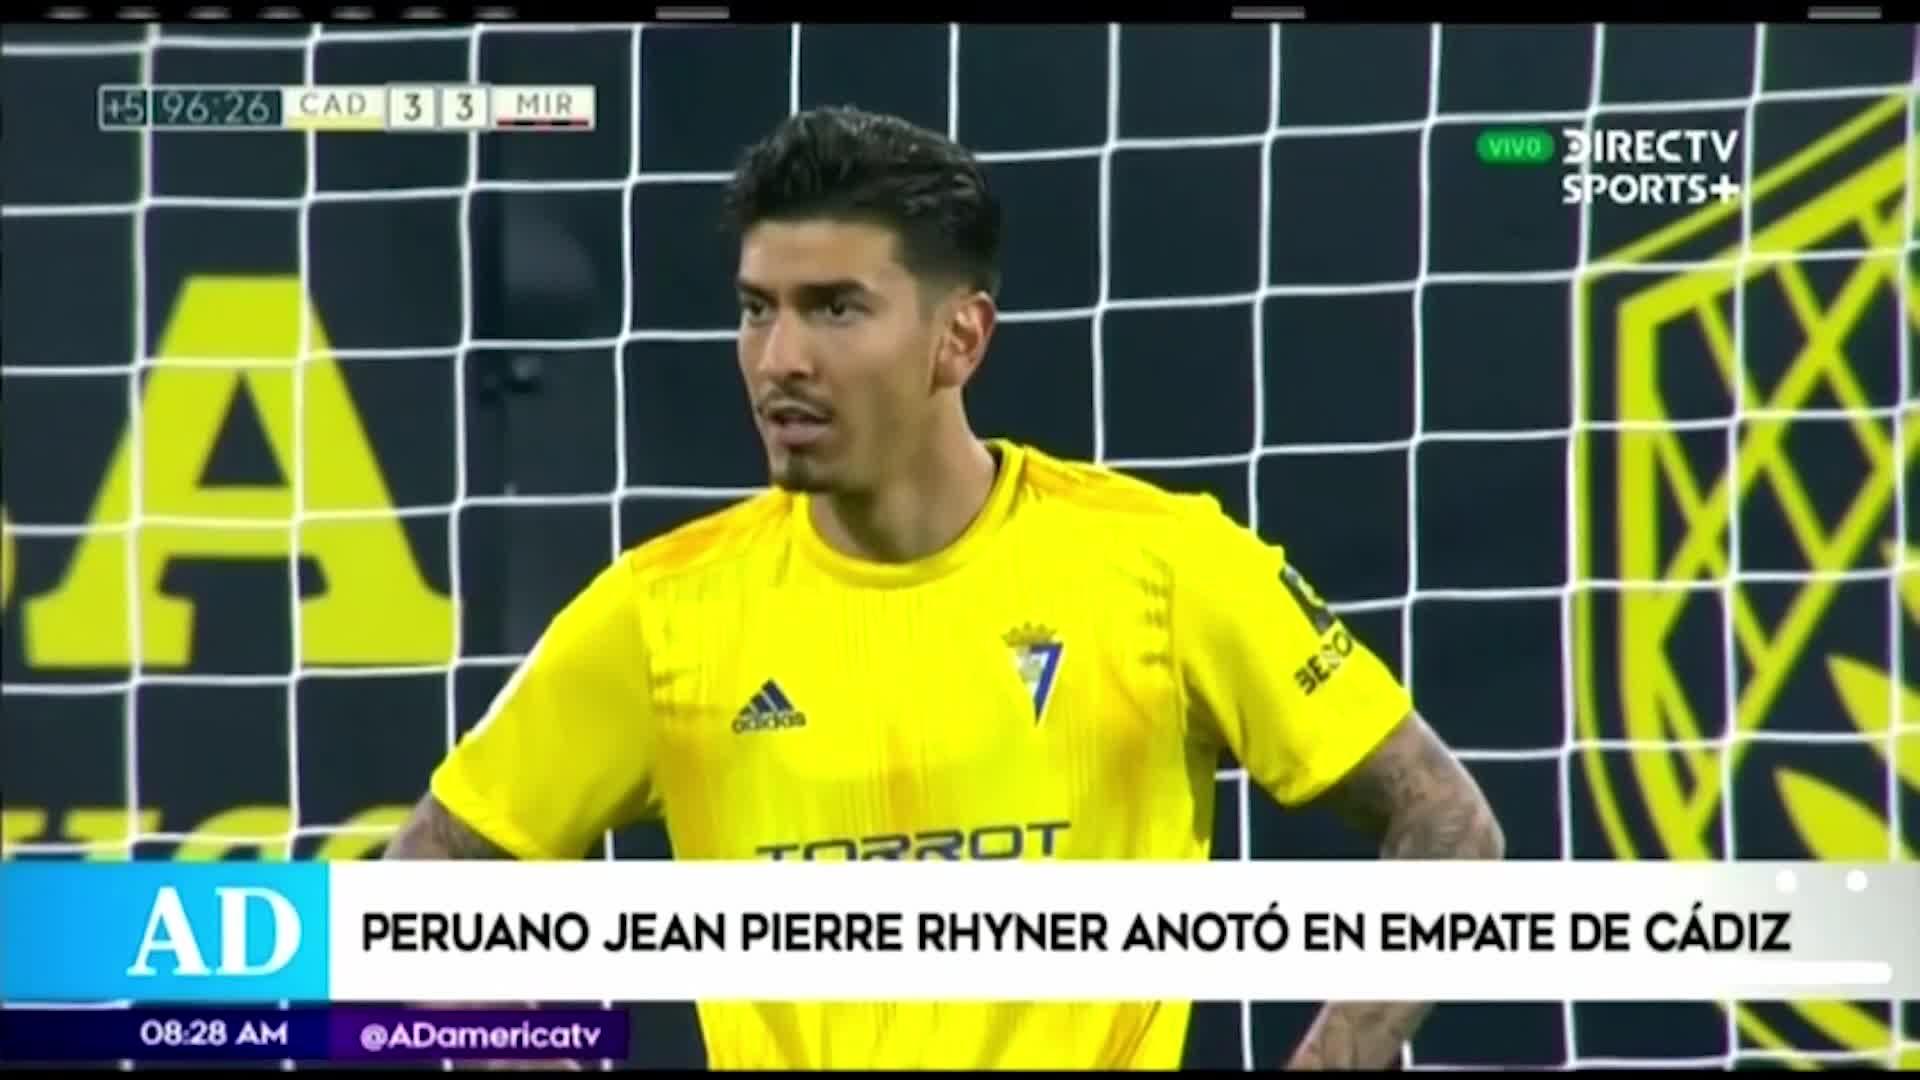 Jean Pierre Rhyner anotó su primer gol en la segunda división española